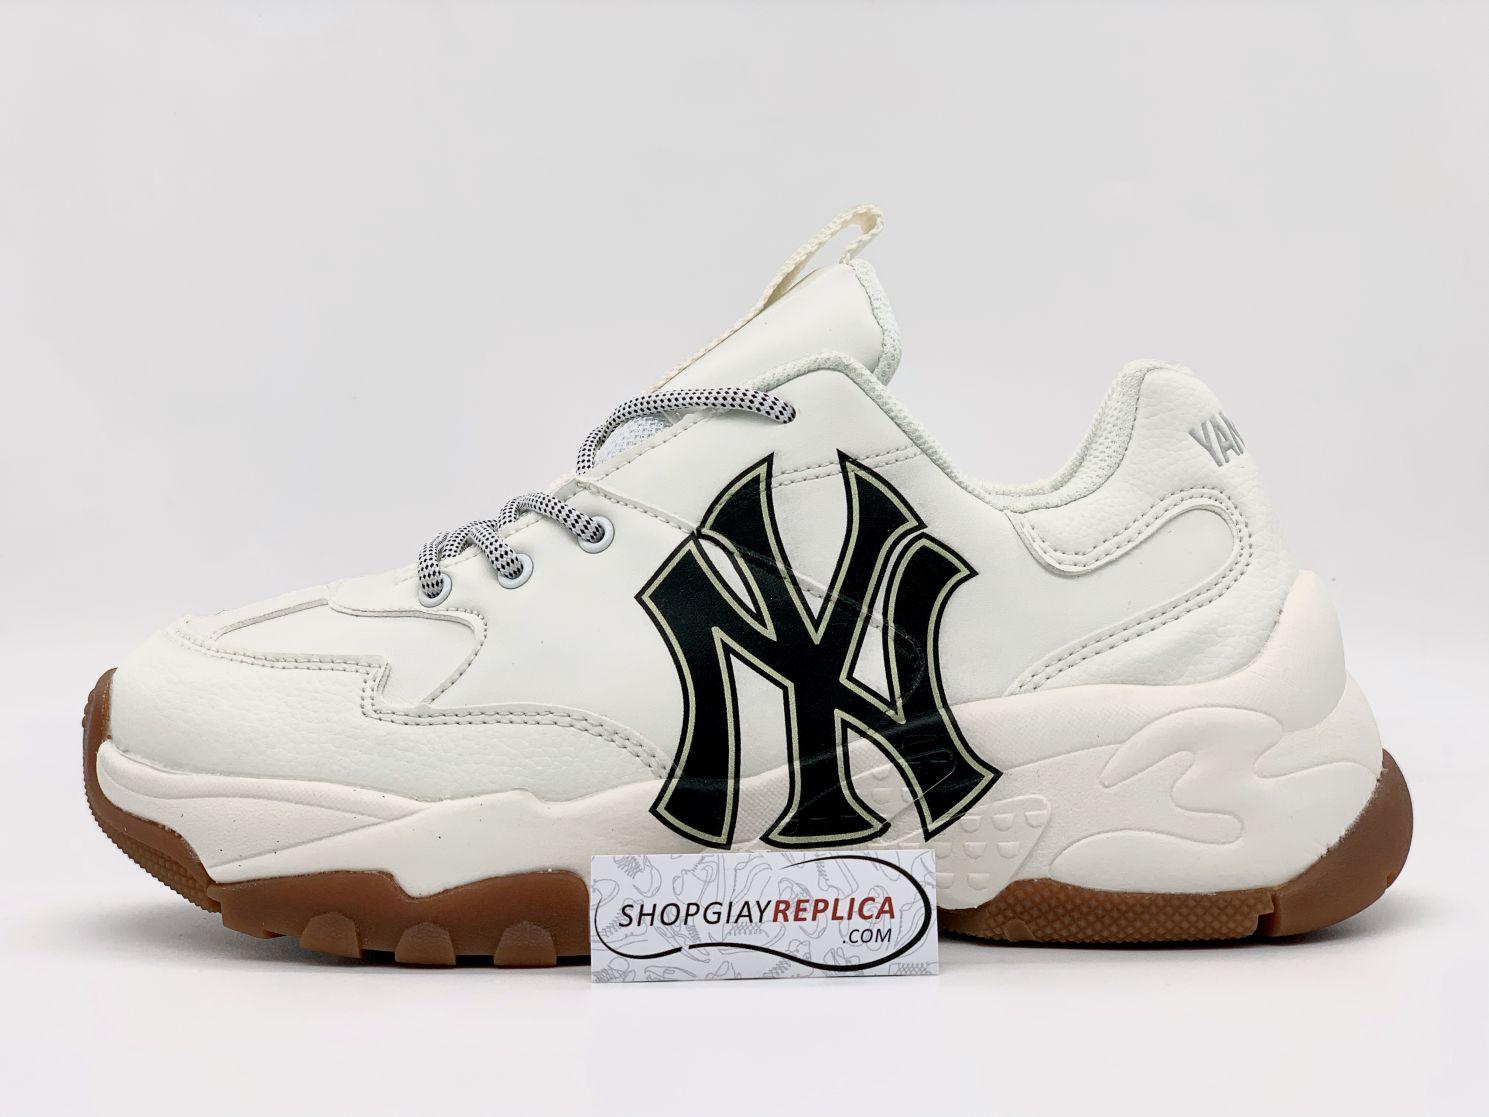 Giày MLB NY trắng chữ đen rep 1:1